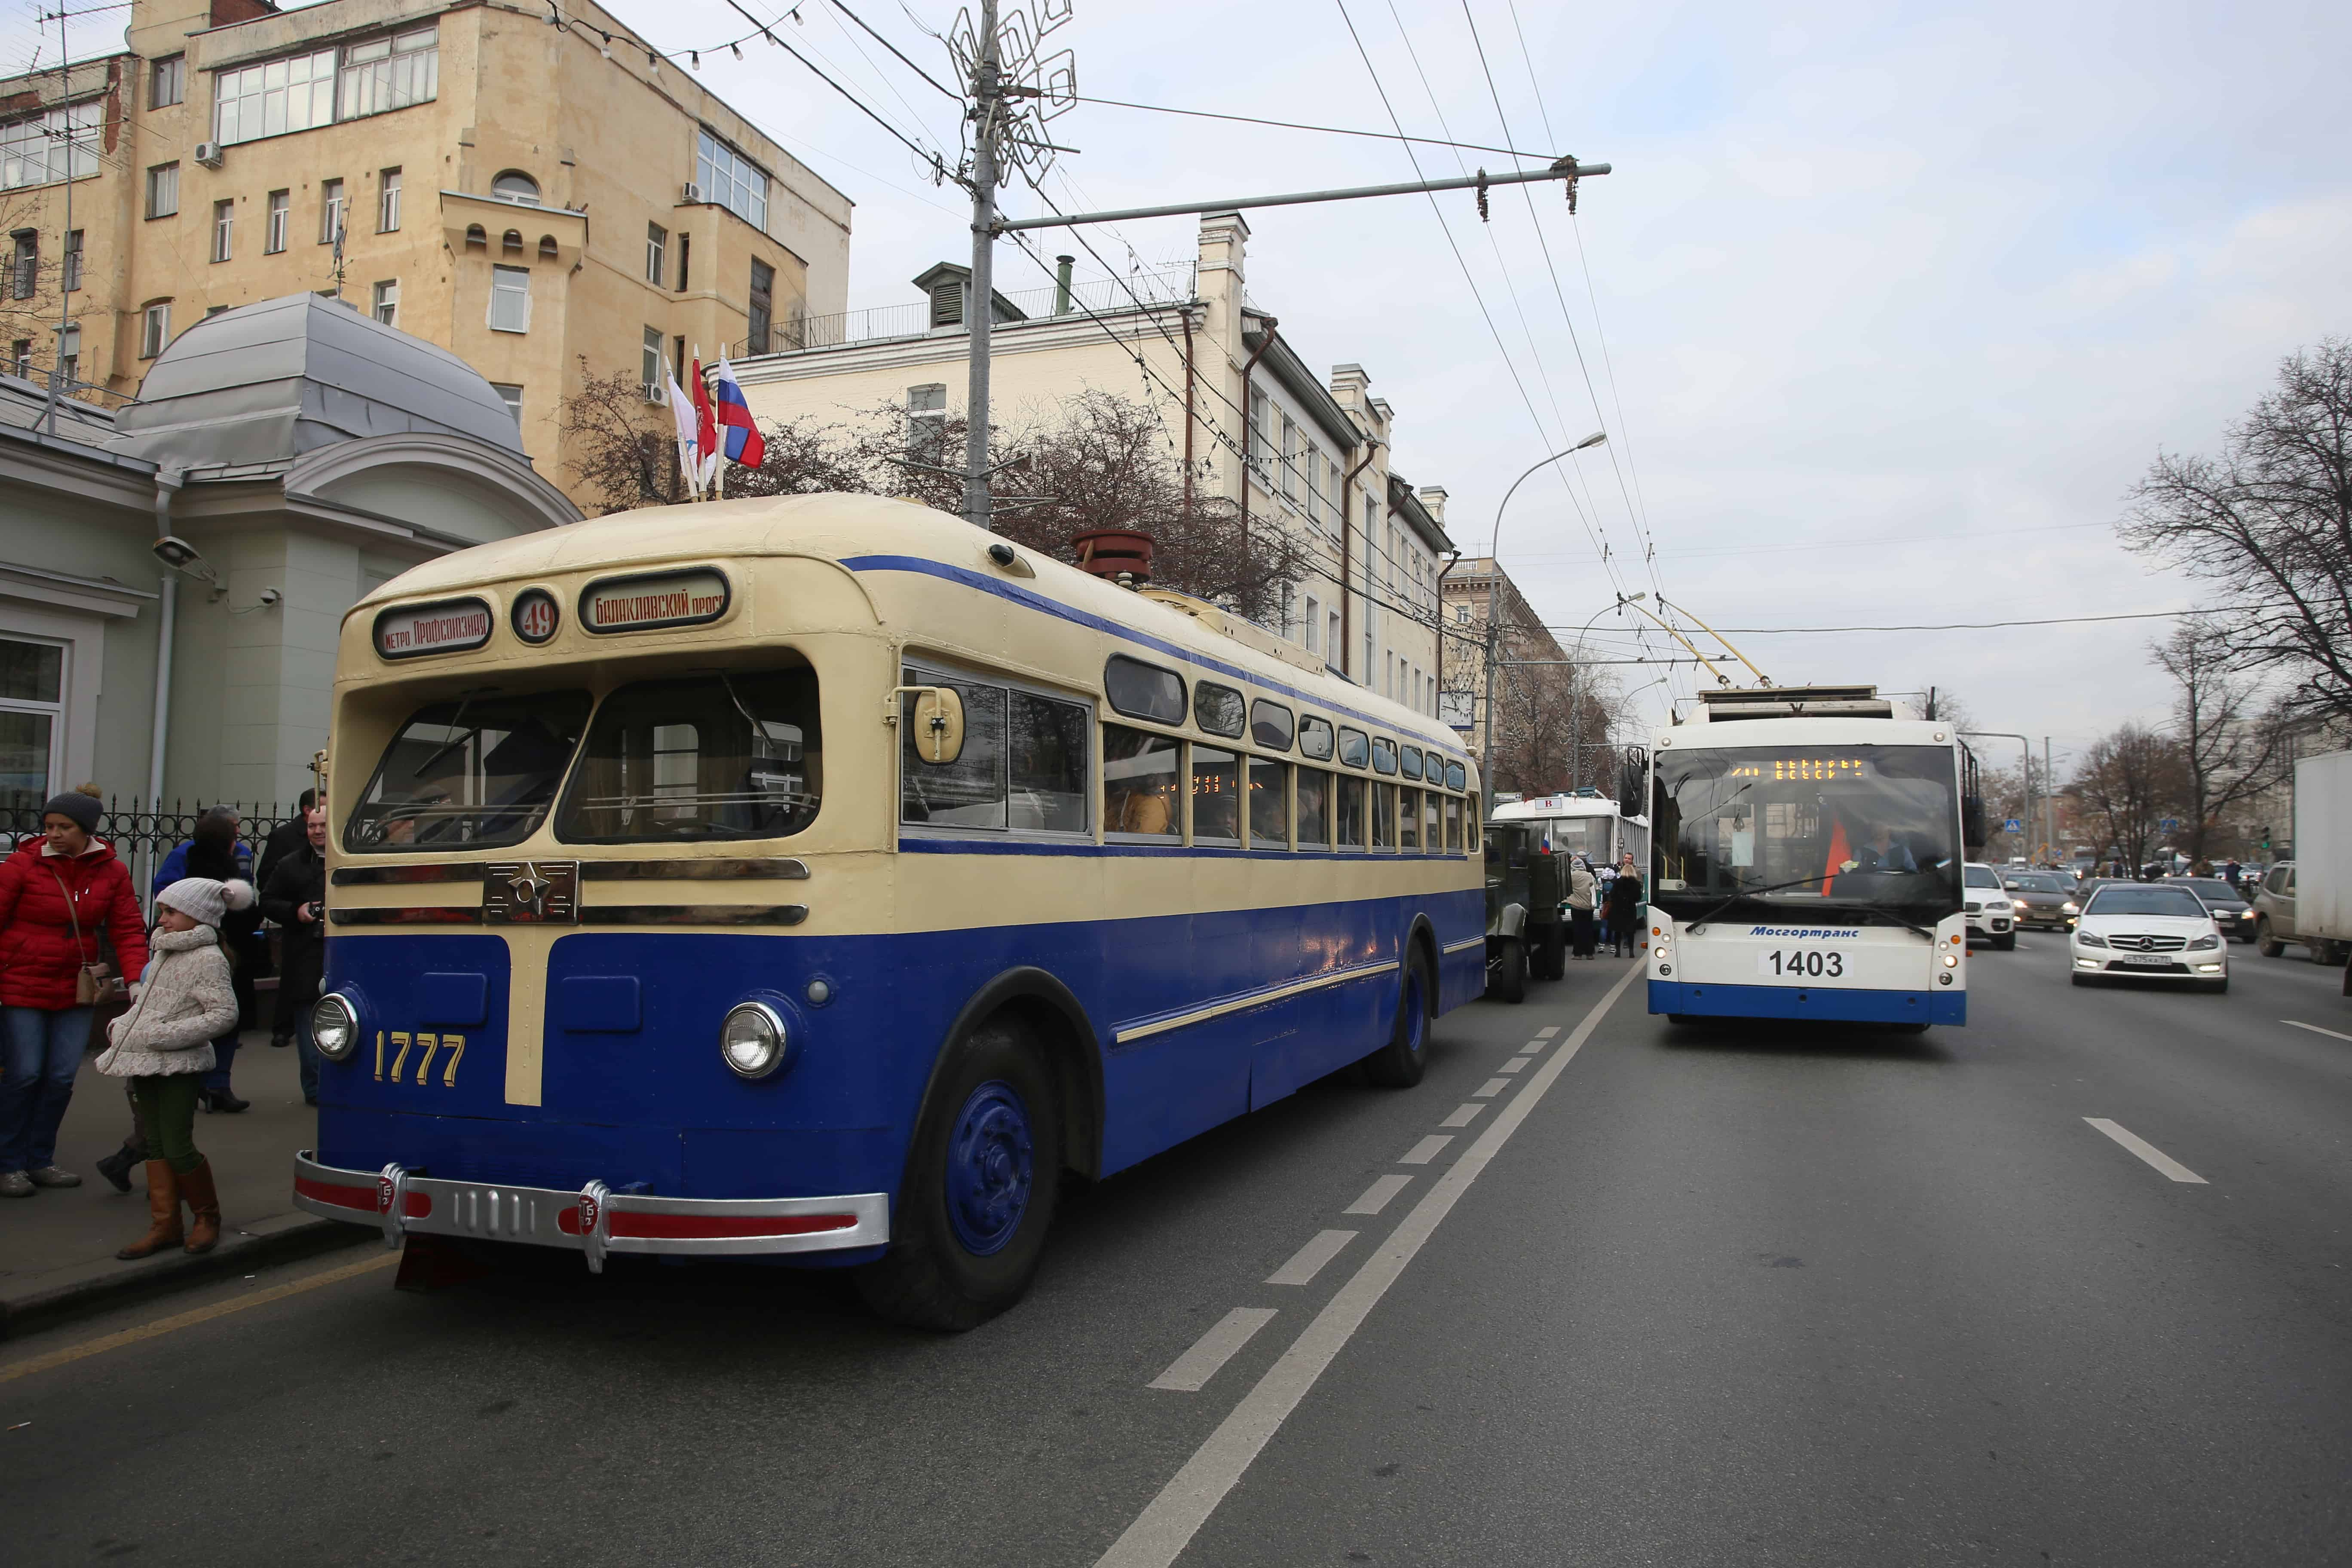 8 июля в Москве состоится парад транспорта 8 июля в Москве состоится парад транспорта 02 3